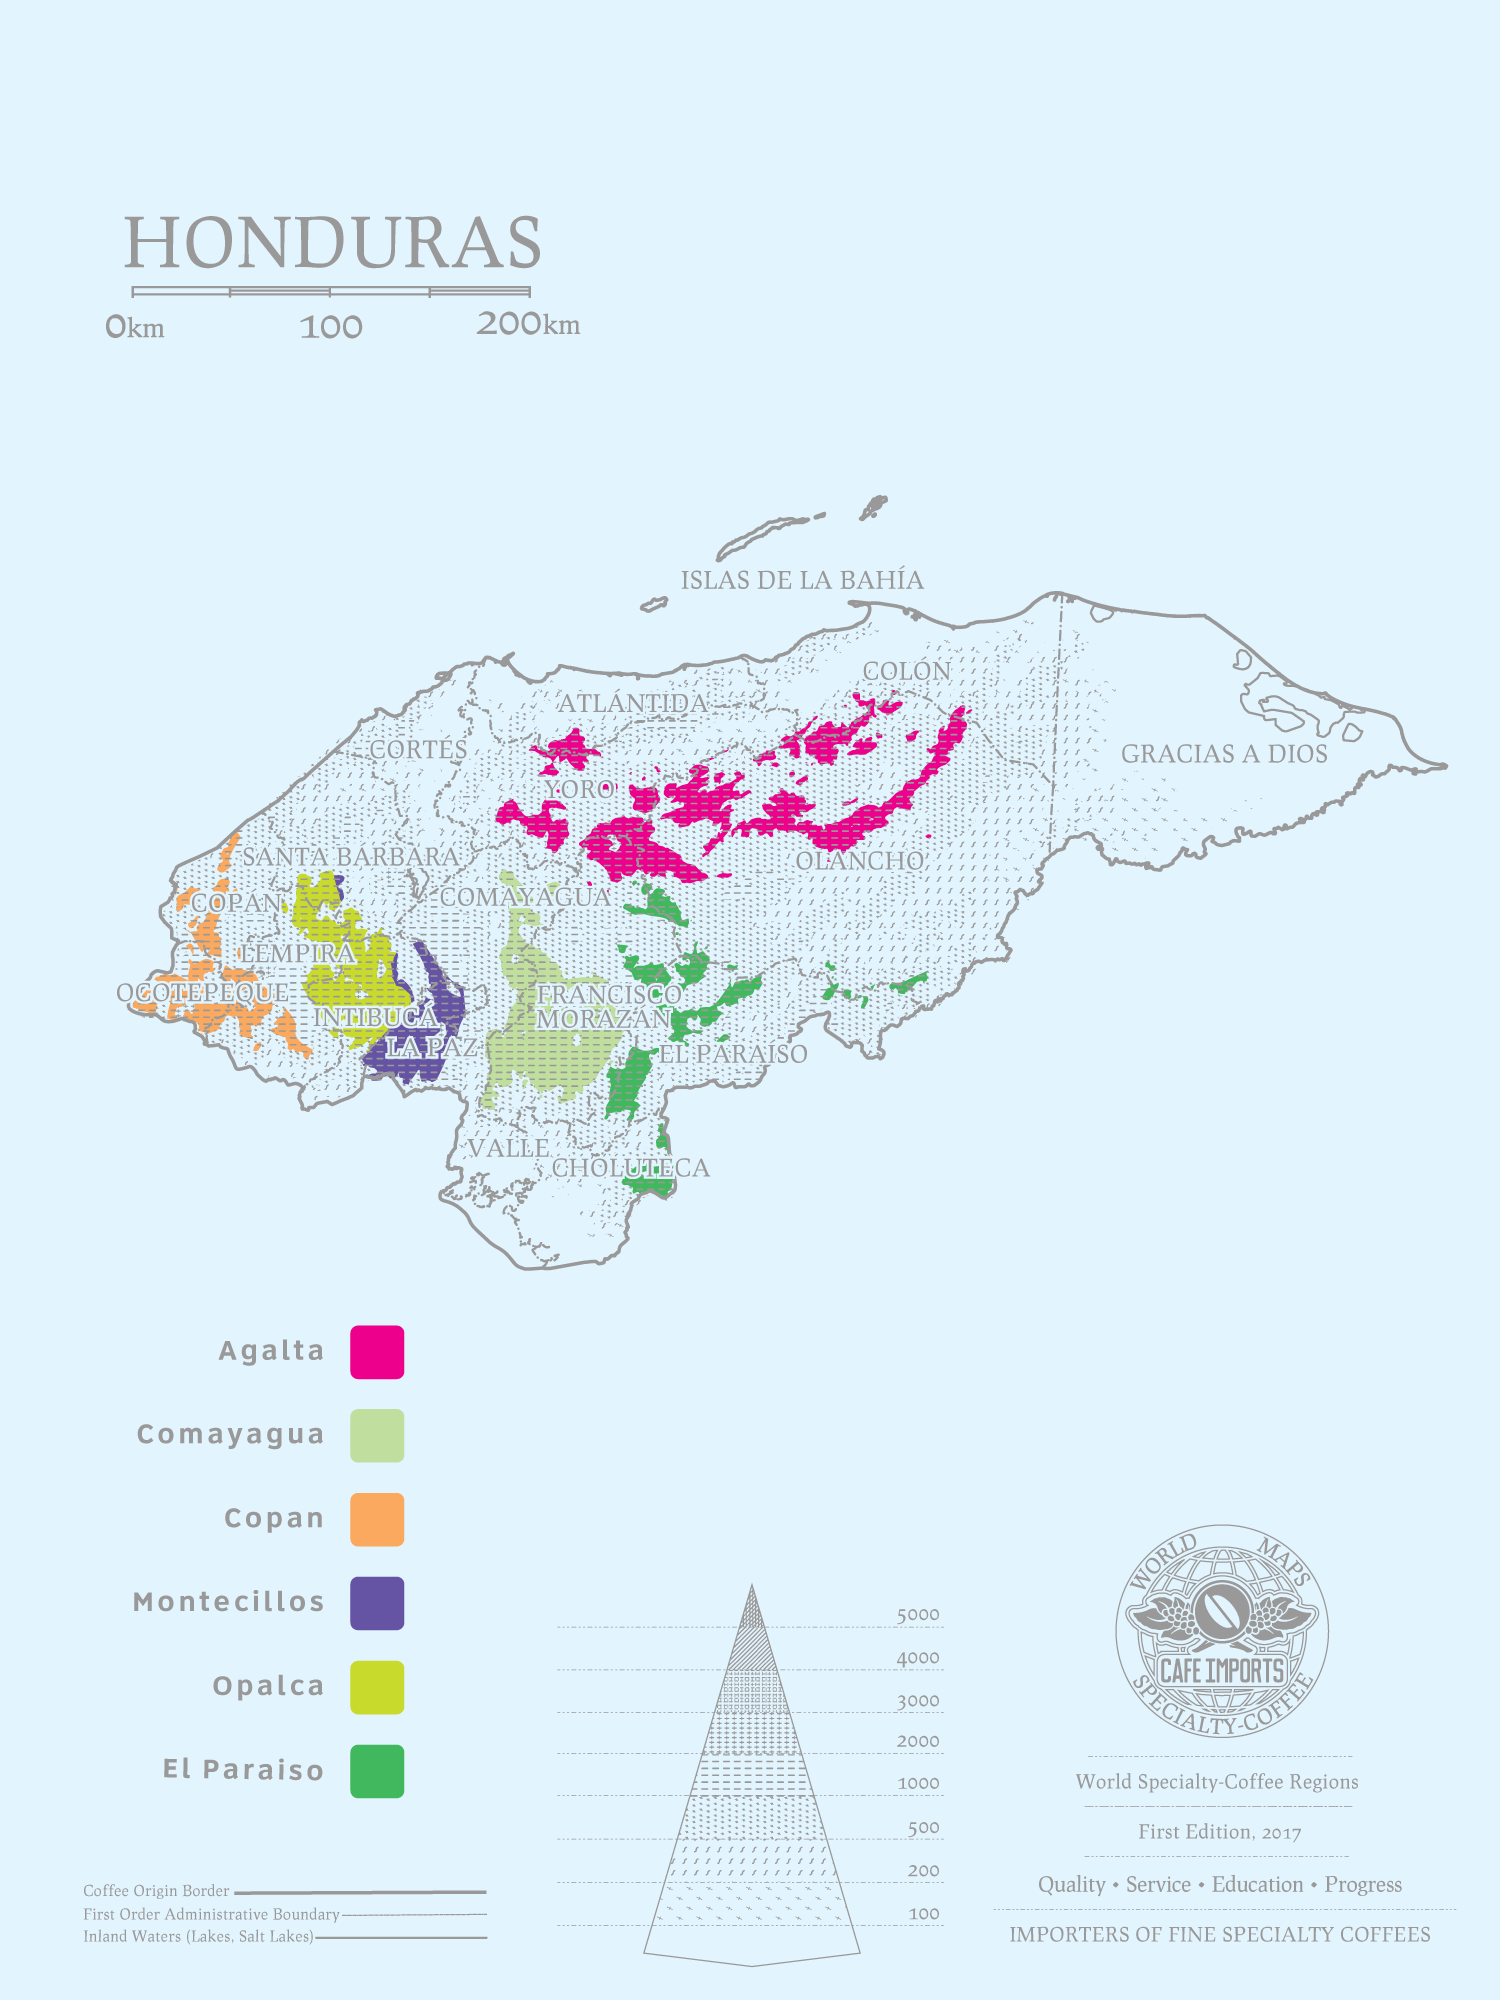 карта производства кофе в Гондурасе